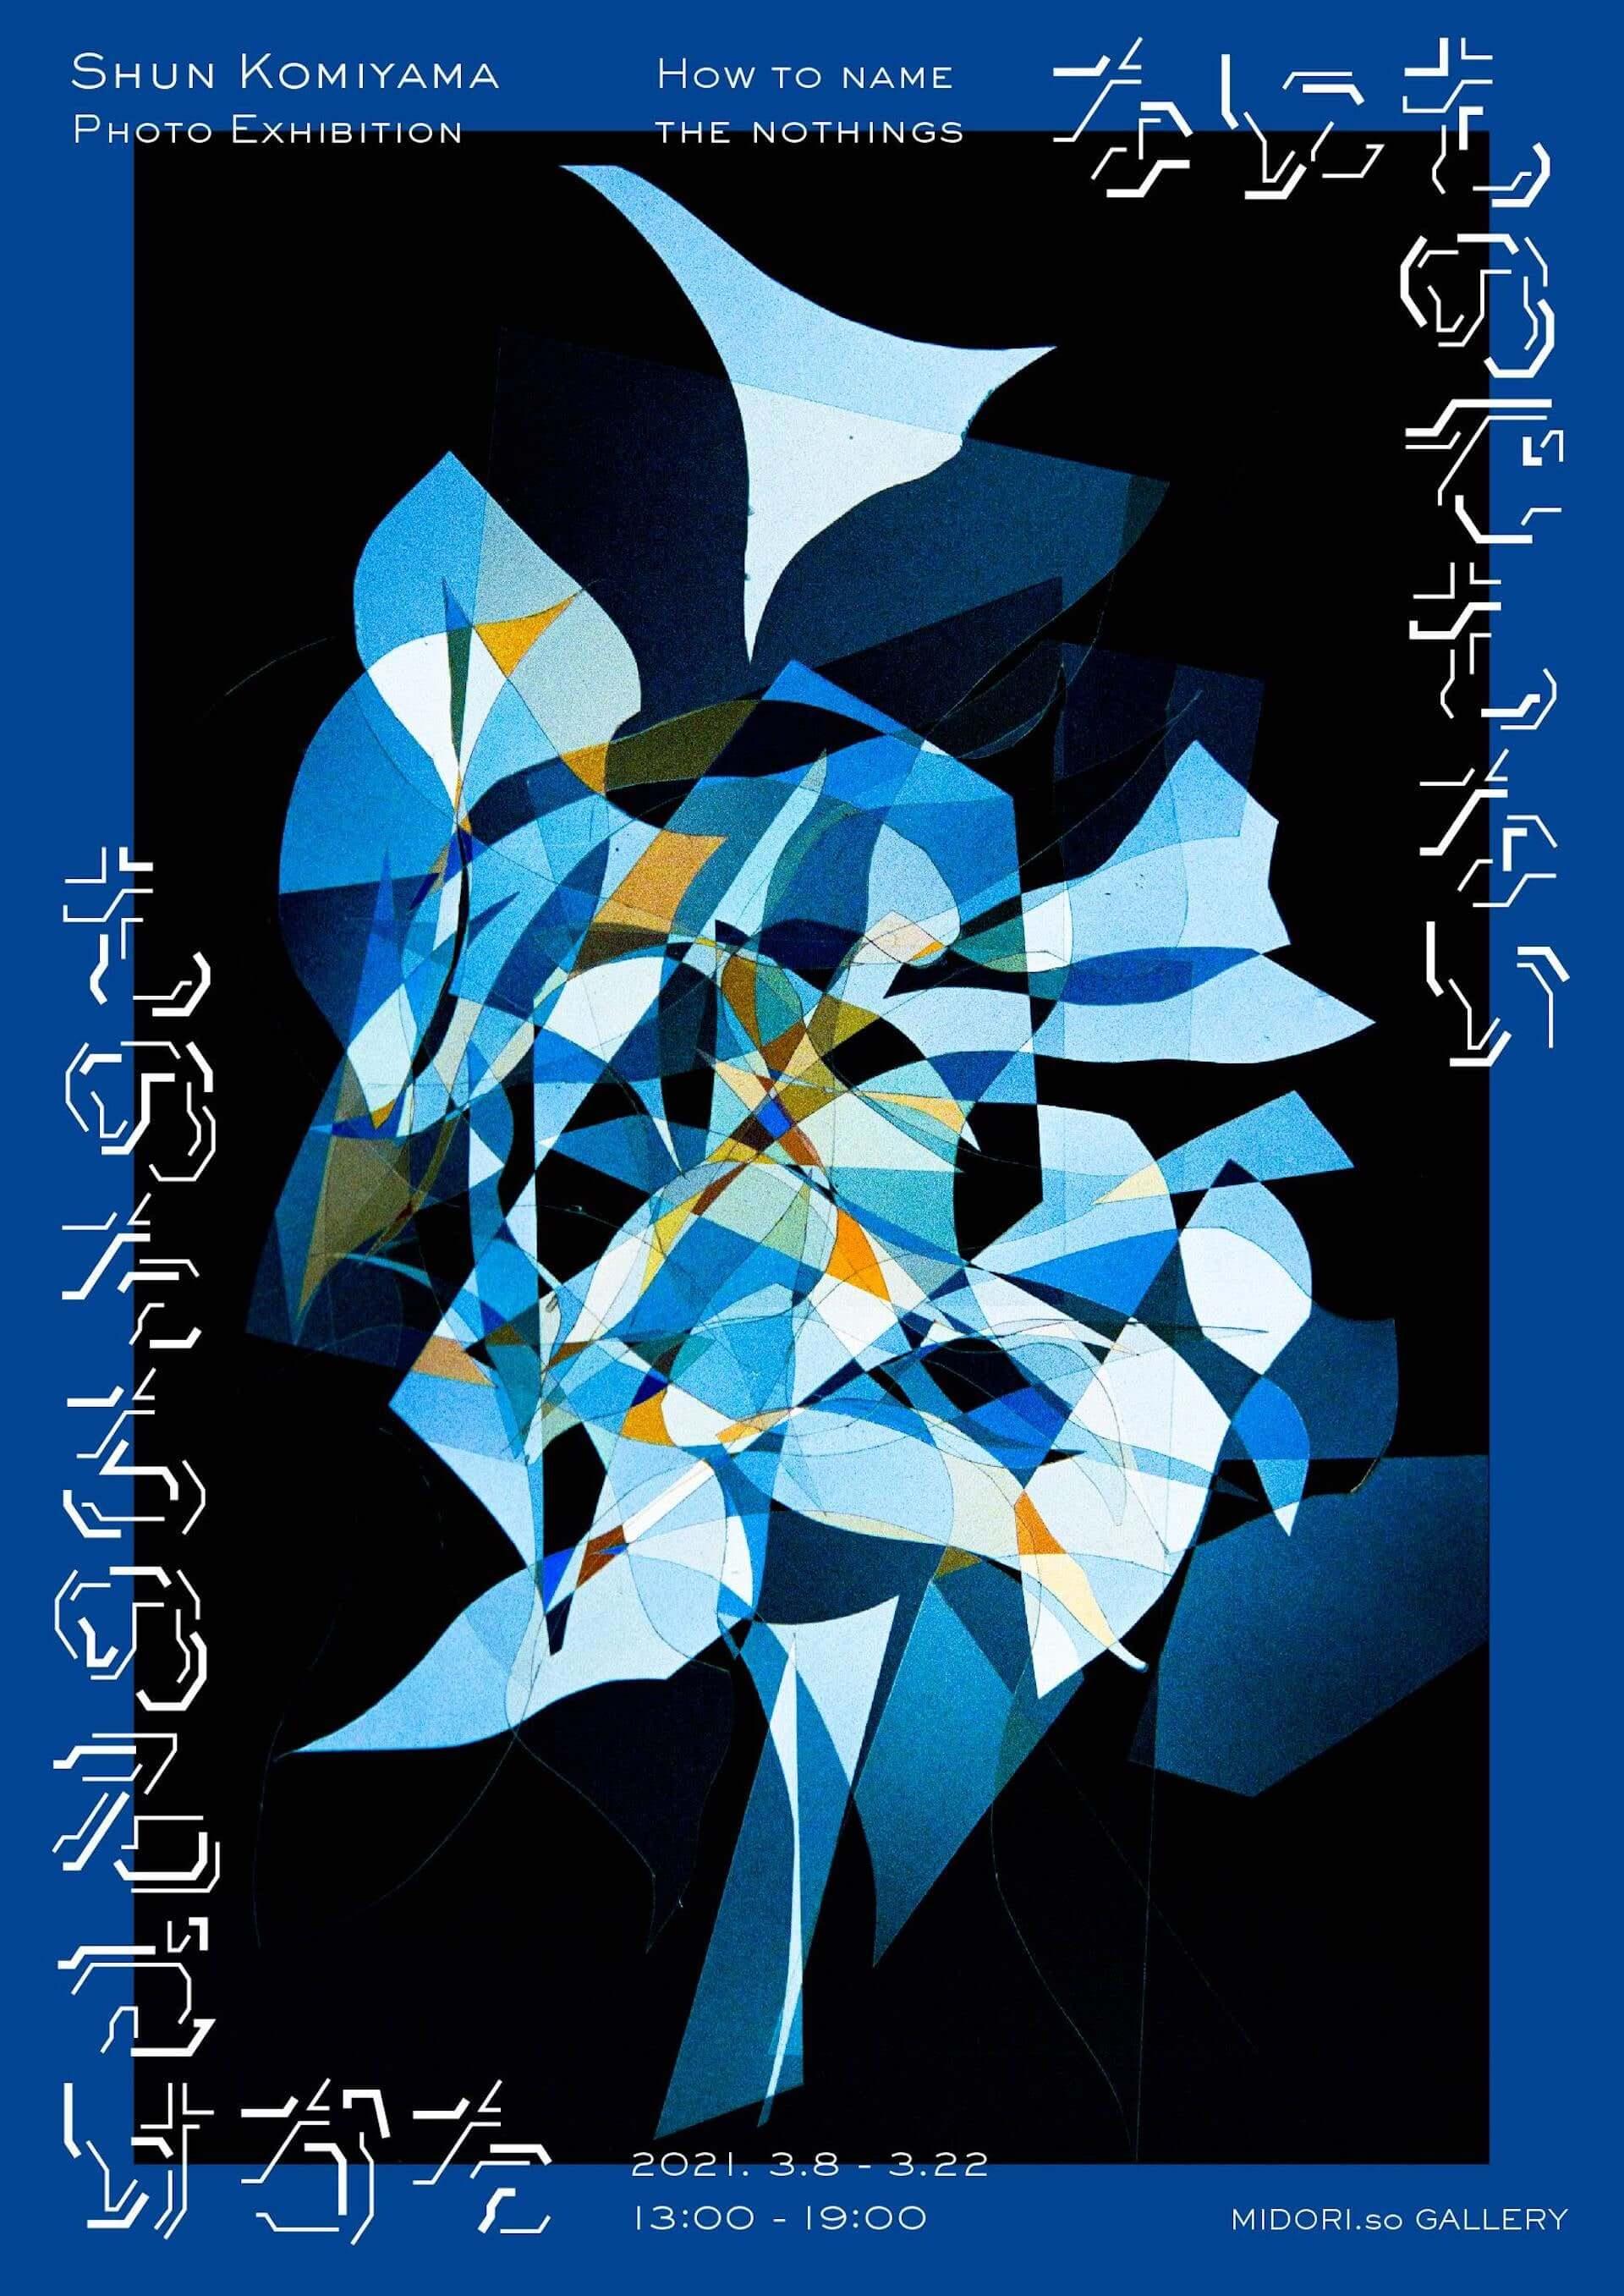 小見山峻の写真展<なにものでもないものたちの名づけかた>と<my beautiful tokyo>がMIDORI.so GALLERYにて同時開催決定! art210304_shun-komiyama_1-1920x2714